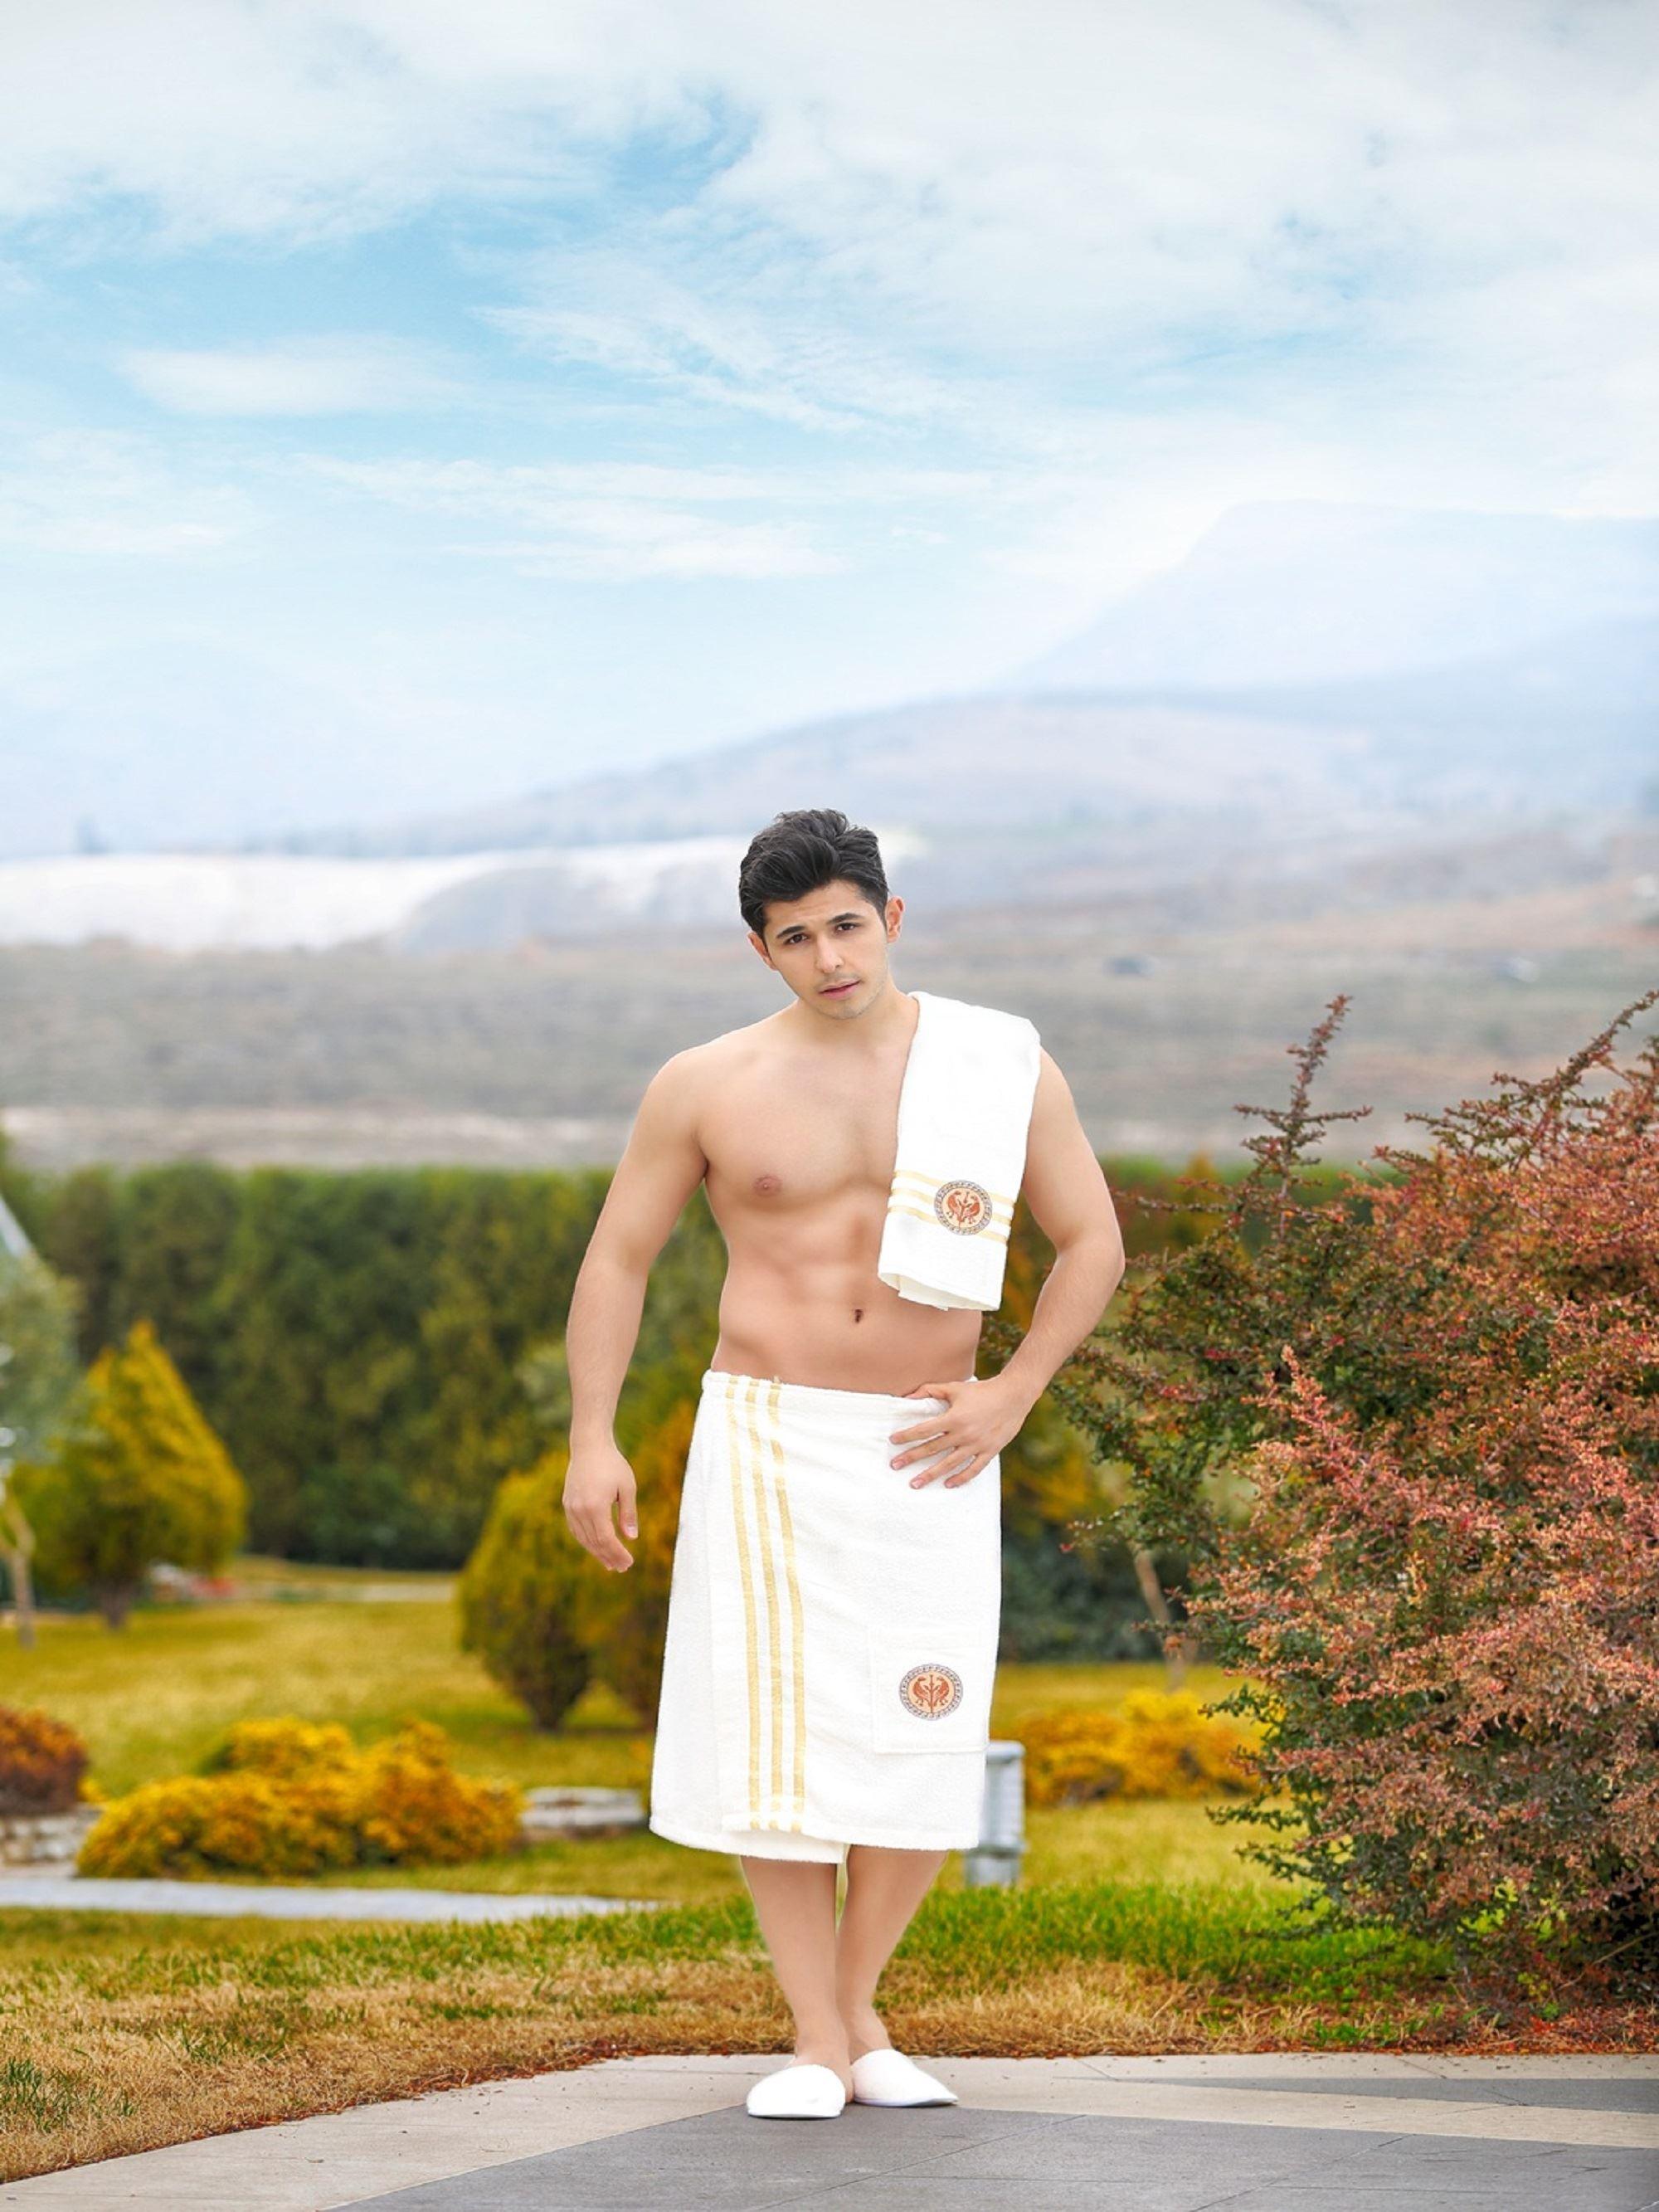 Сауны, бани и оборудование Philippus Набор для сауны Bruno Цвет: Кремовый сауны бани и оборудование valentini набор для сауны camomile цвет розовый